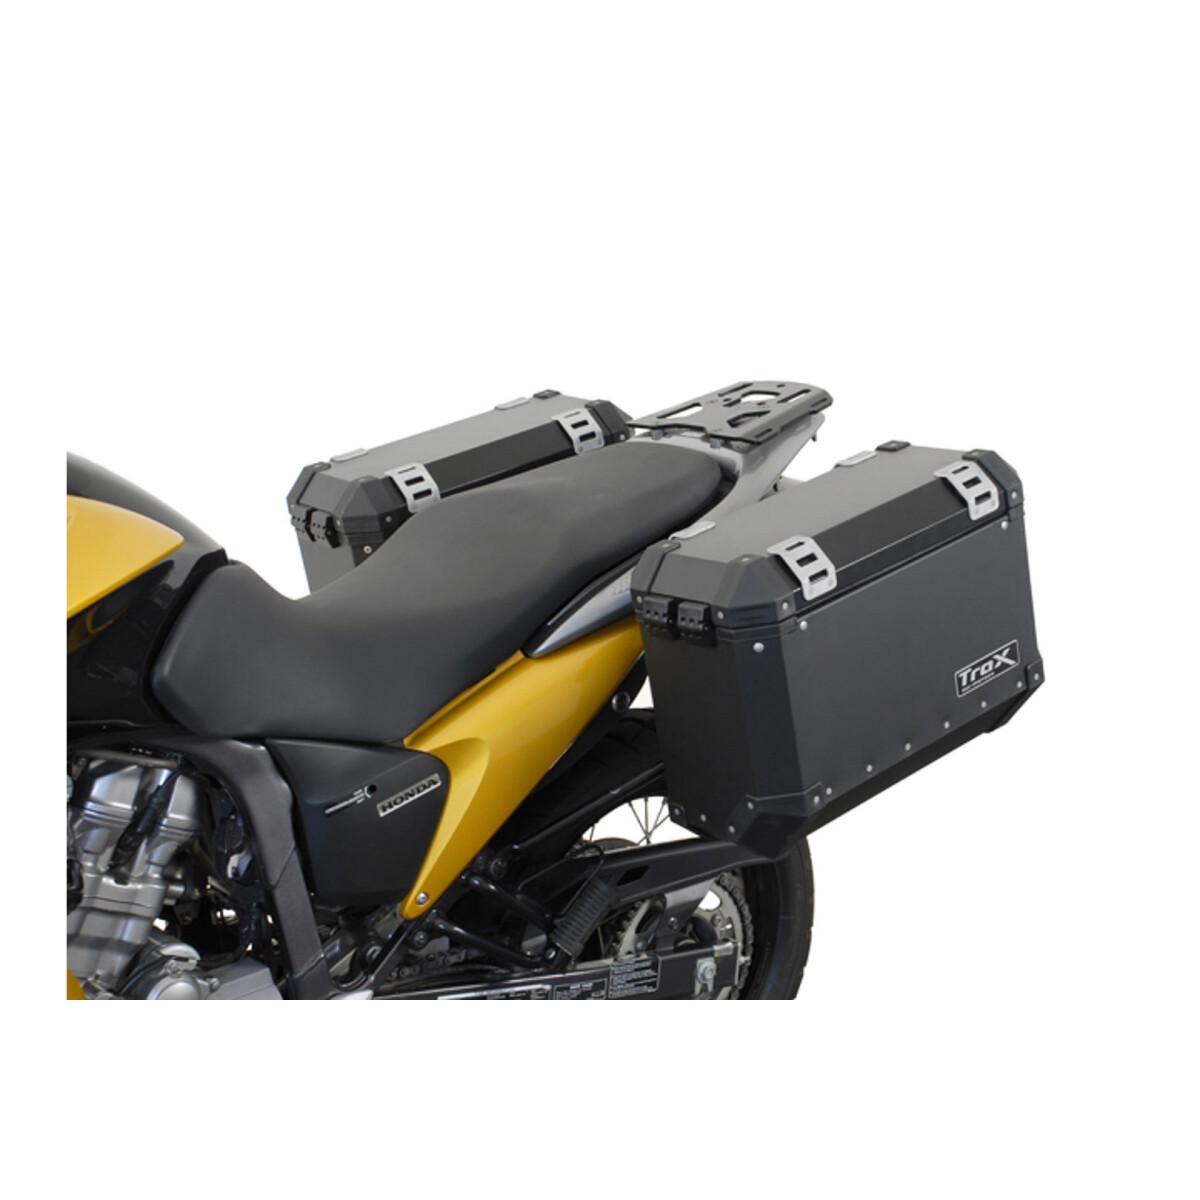 SW Motech Evo High Beam Light Kit Honda XL 700 V ABS